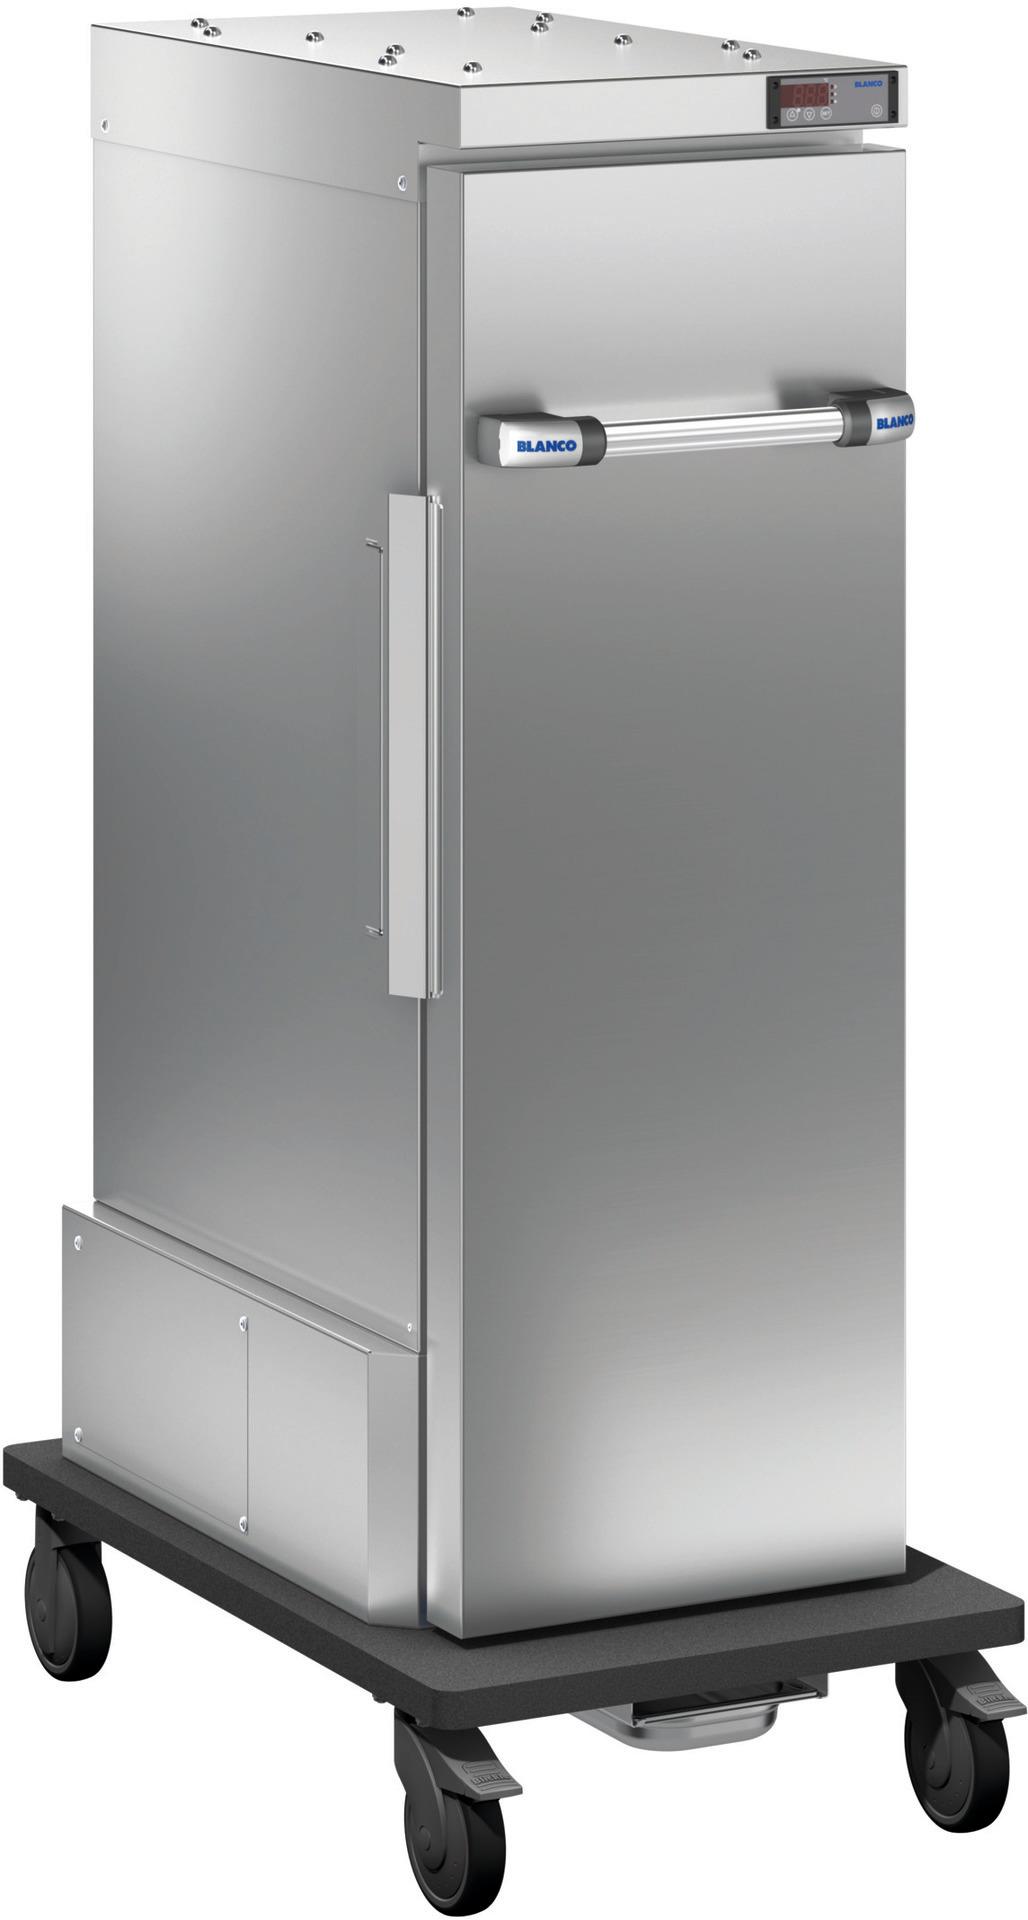 Blancotherm Frontlader Edelstahl / Umluftkühlung / 4 x GN 1/1 / fahrbar